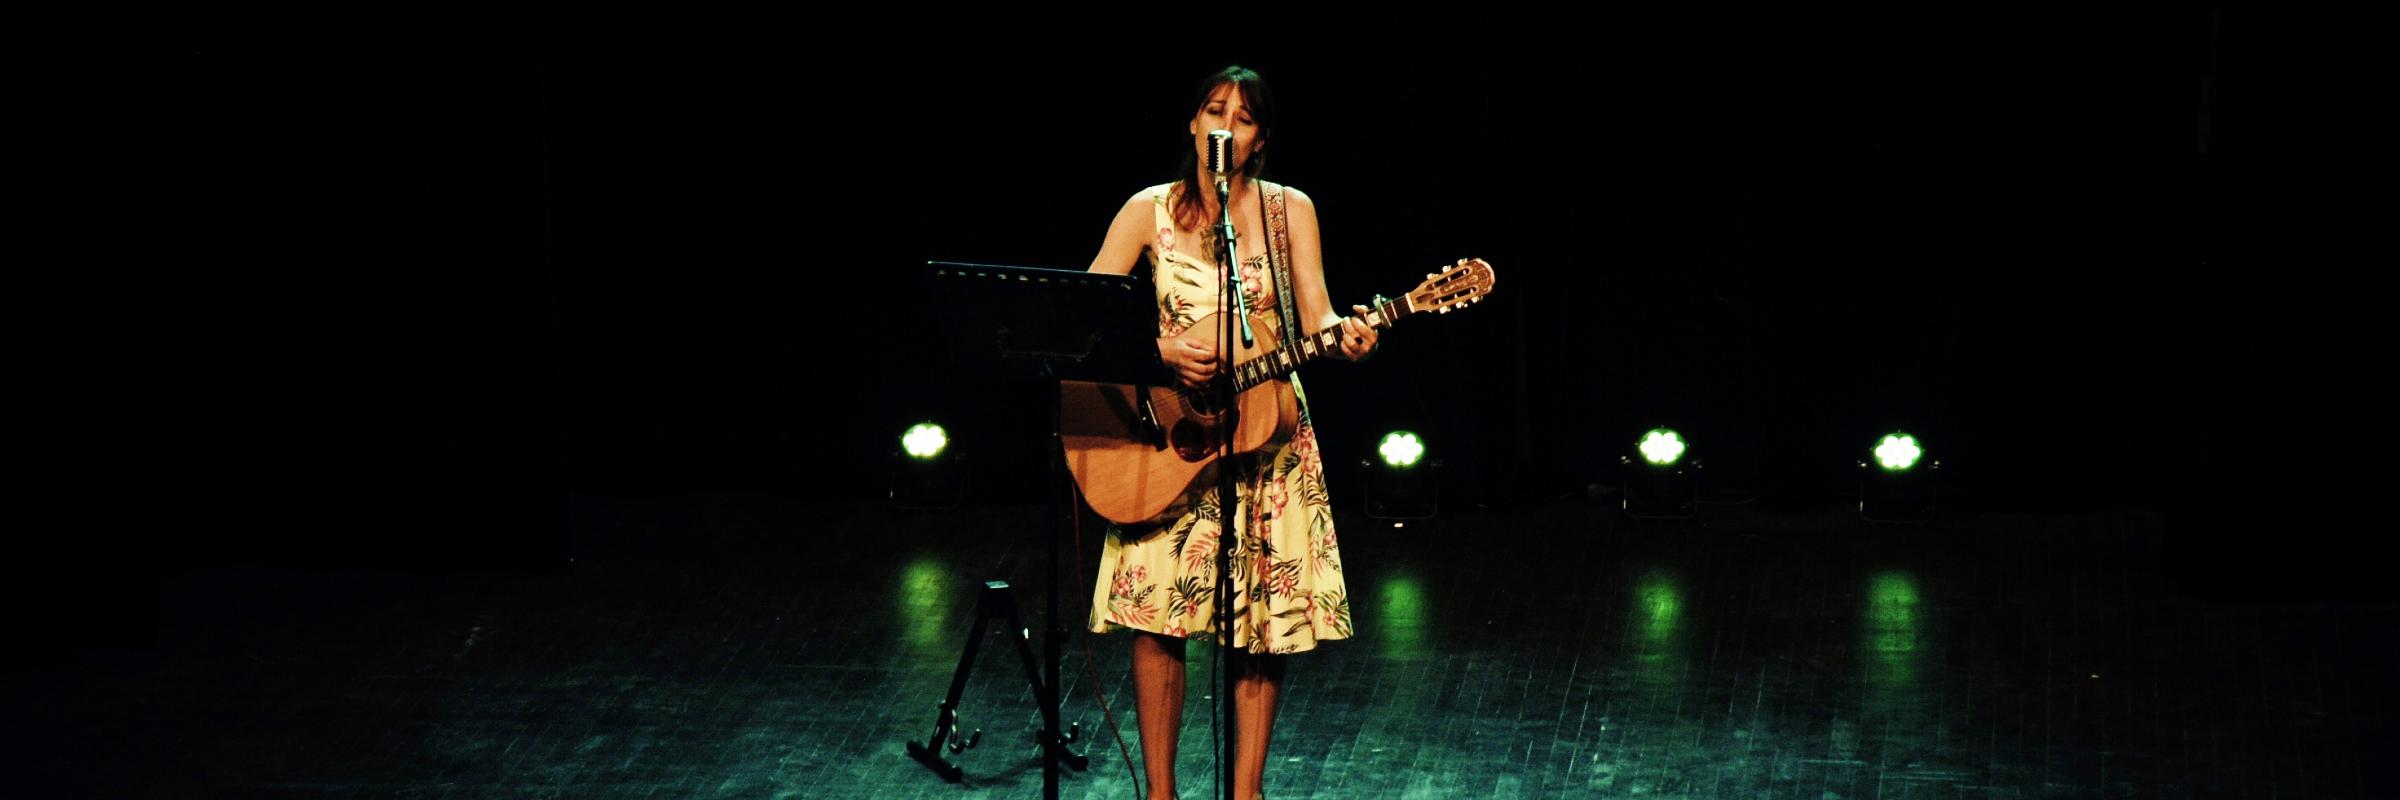 Alice Darlix, musicien Chanteur en représentation à Haute Savoie - photo de couverture n° 3